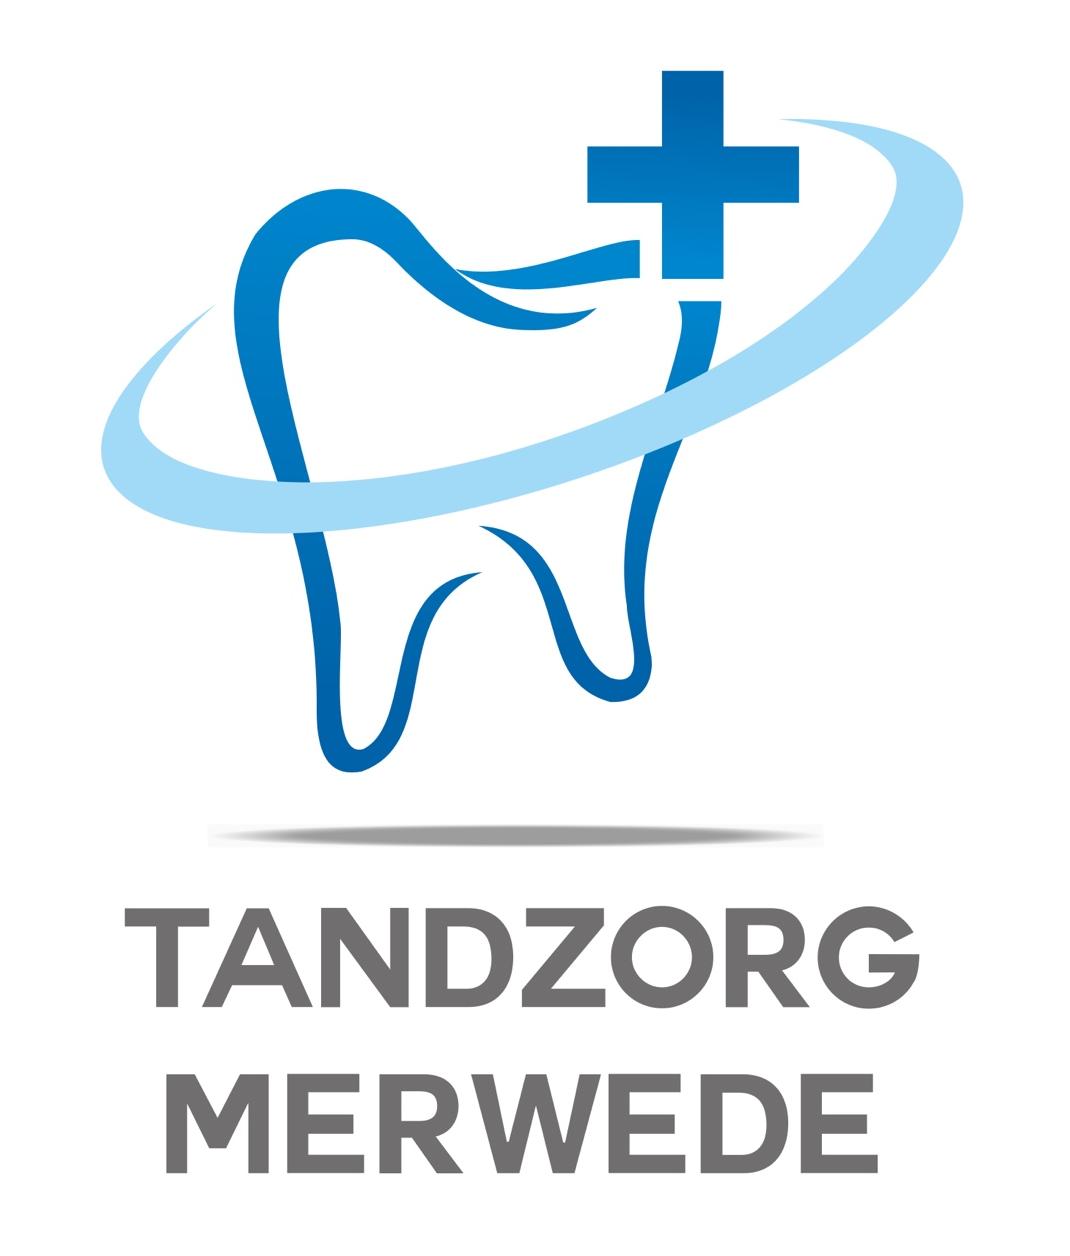 Tandzorg Merwede